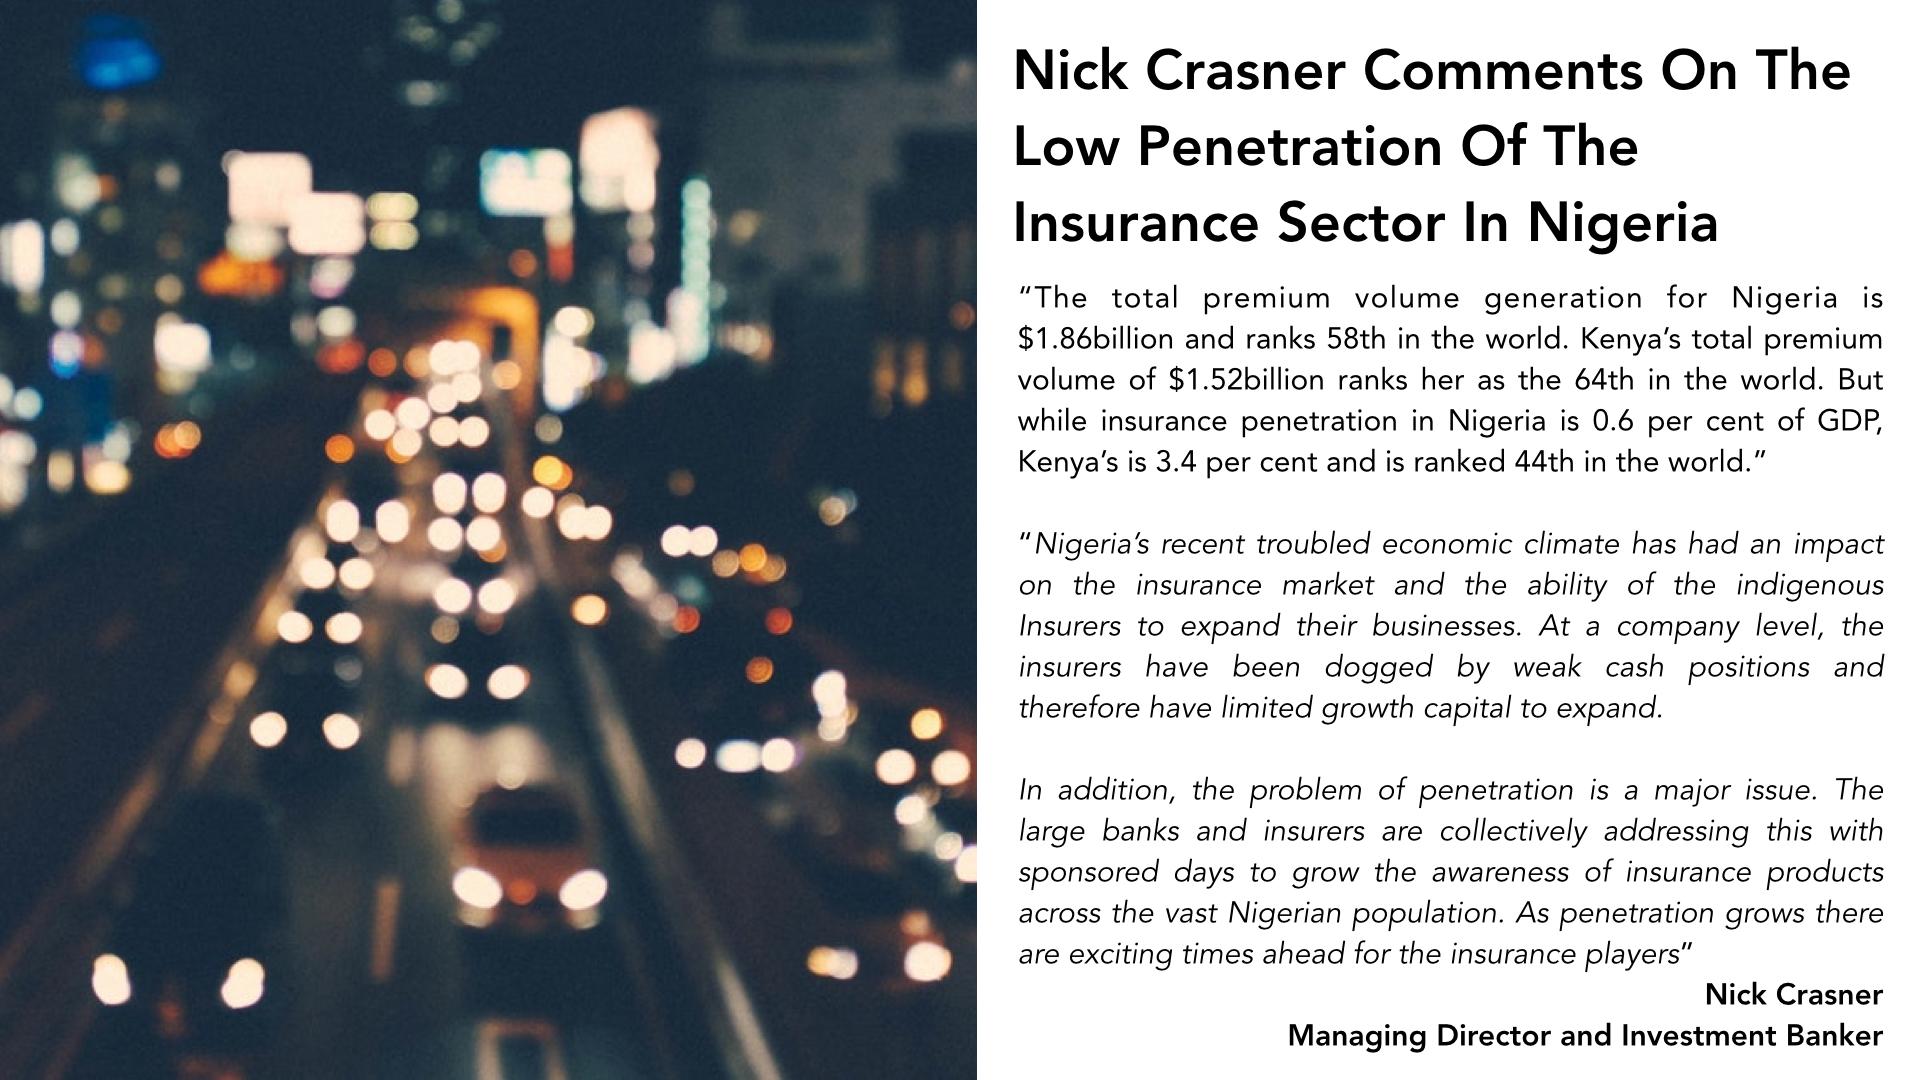 Nick Crasner